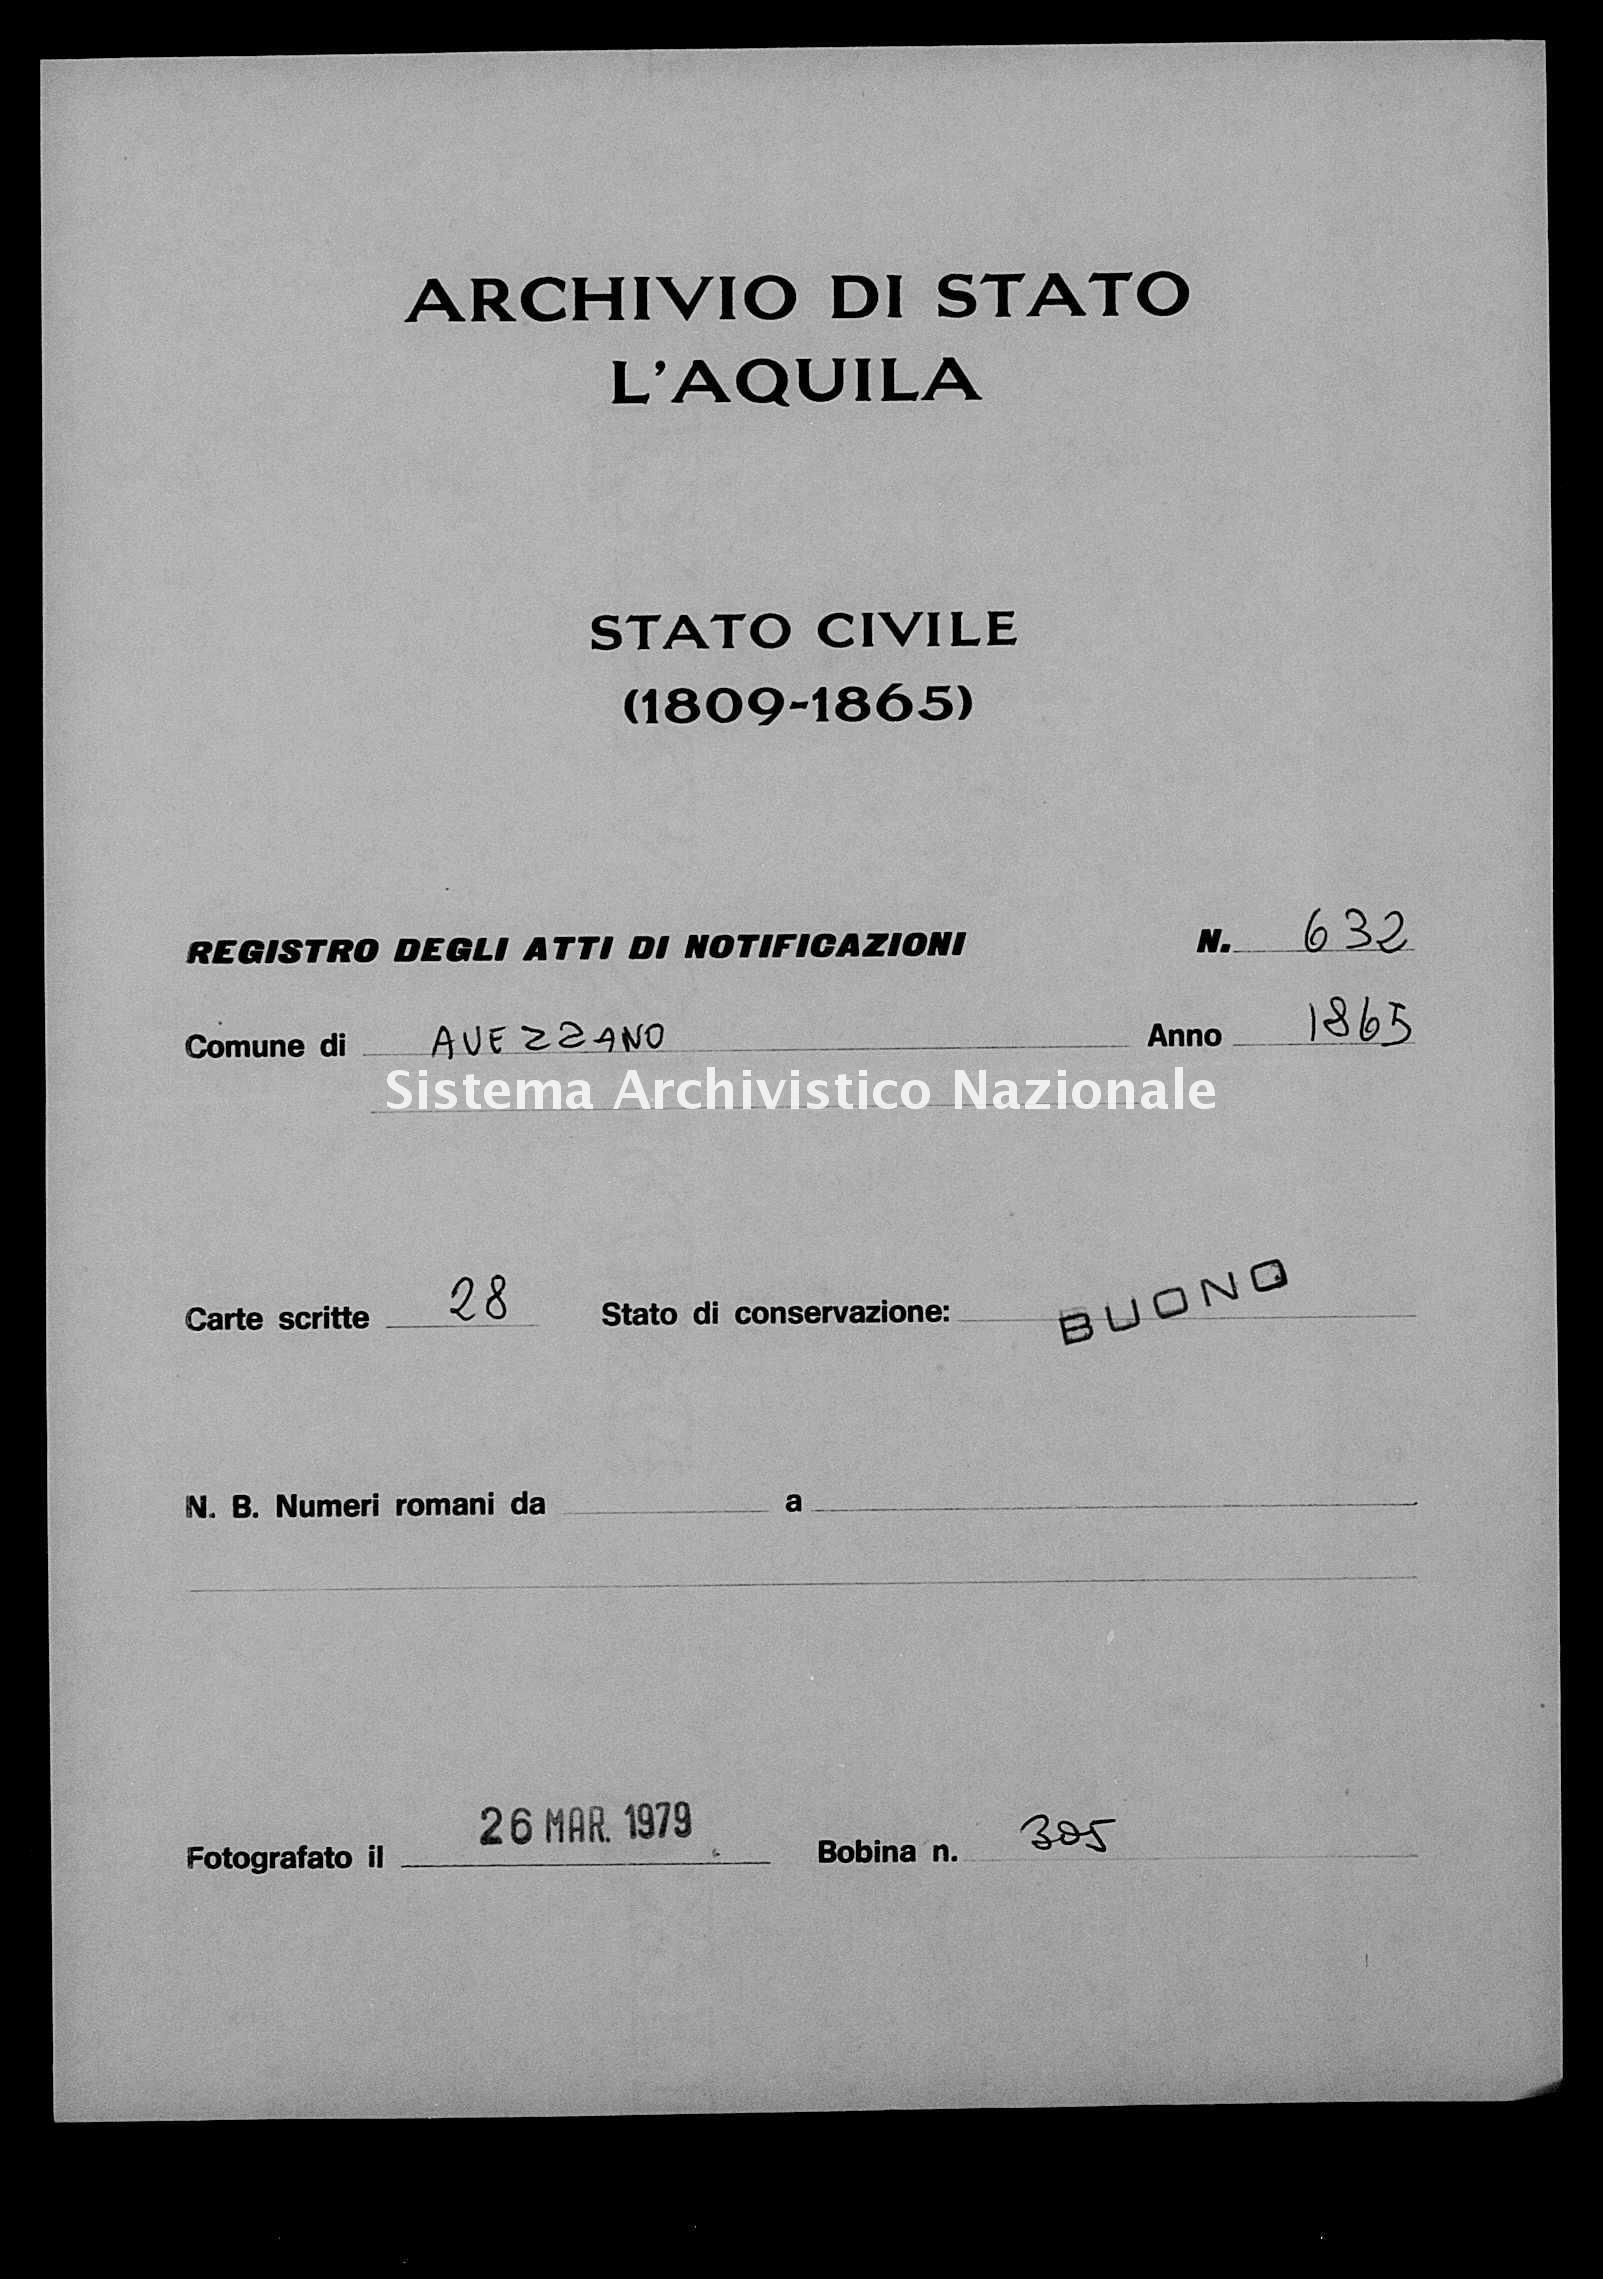 Archivio di stato di L'aquila - Stato civile italiano - Avezzano - Matrimoni, memorandum notificazioni ed opposizioni - 1865 - 632 -